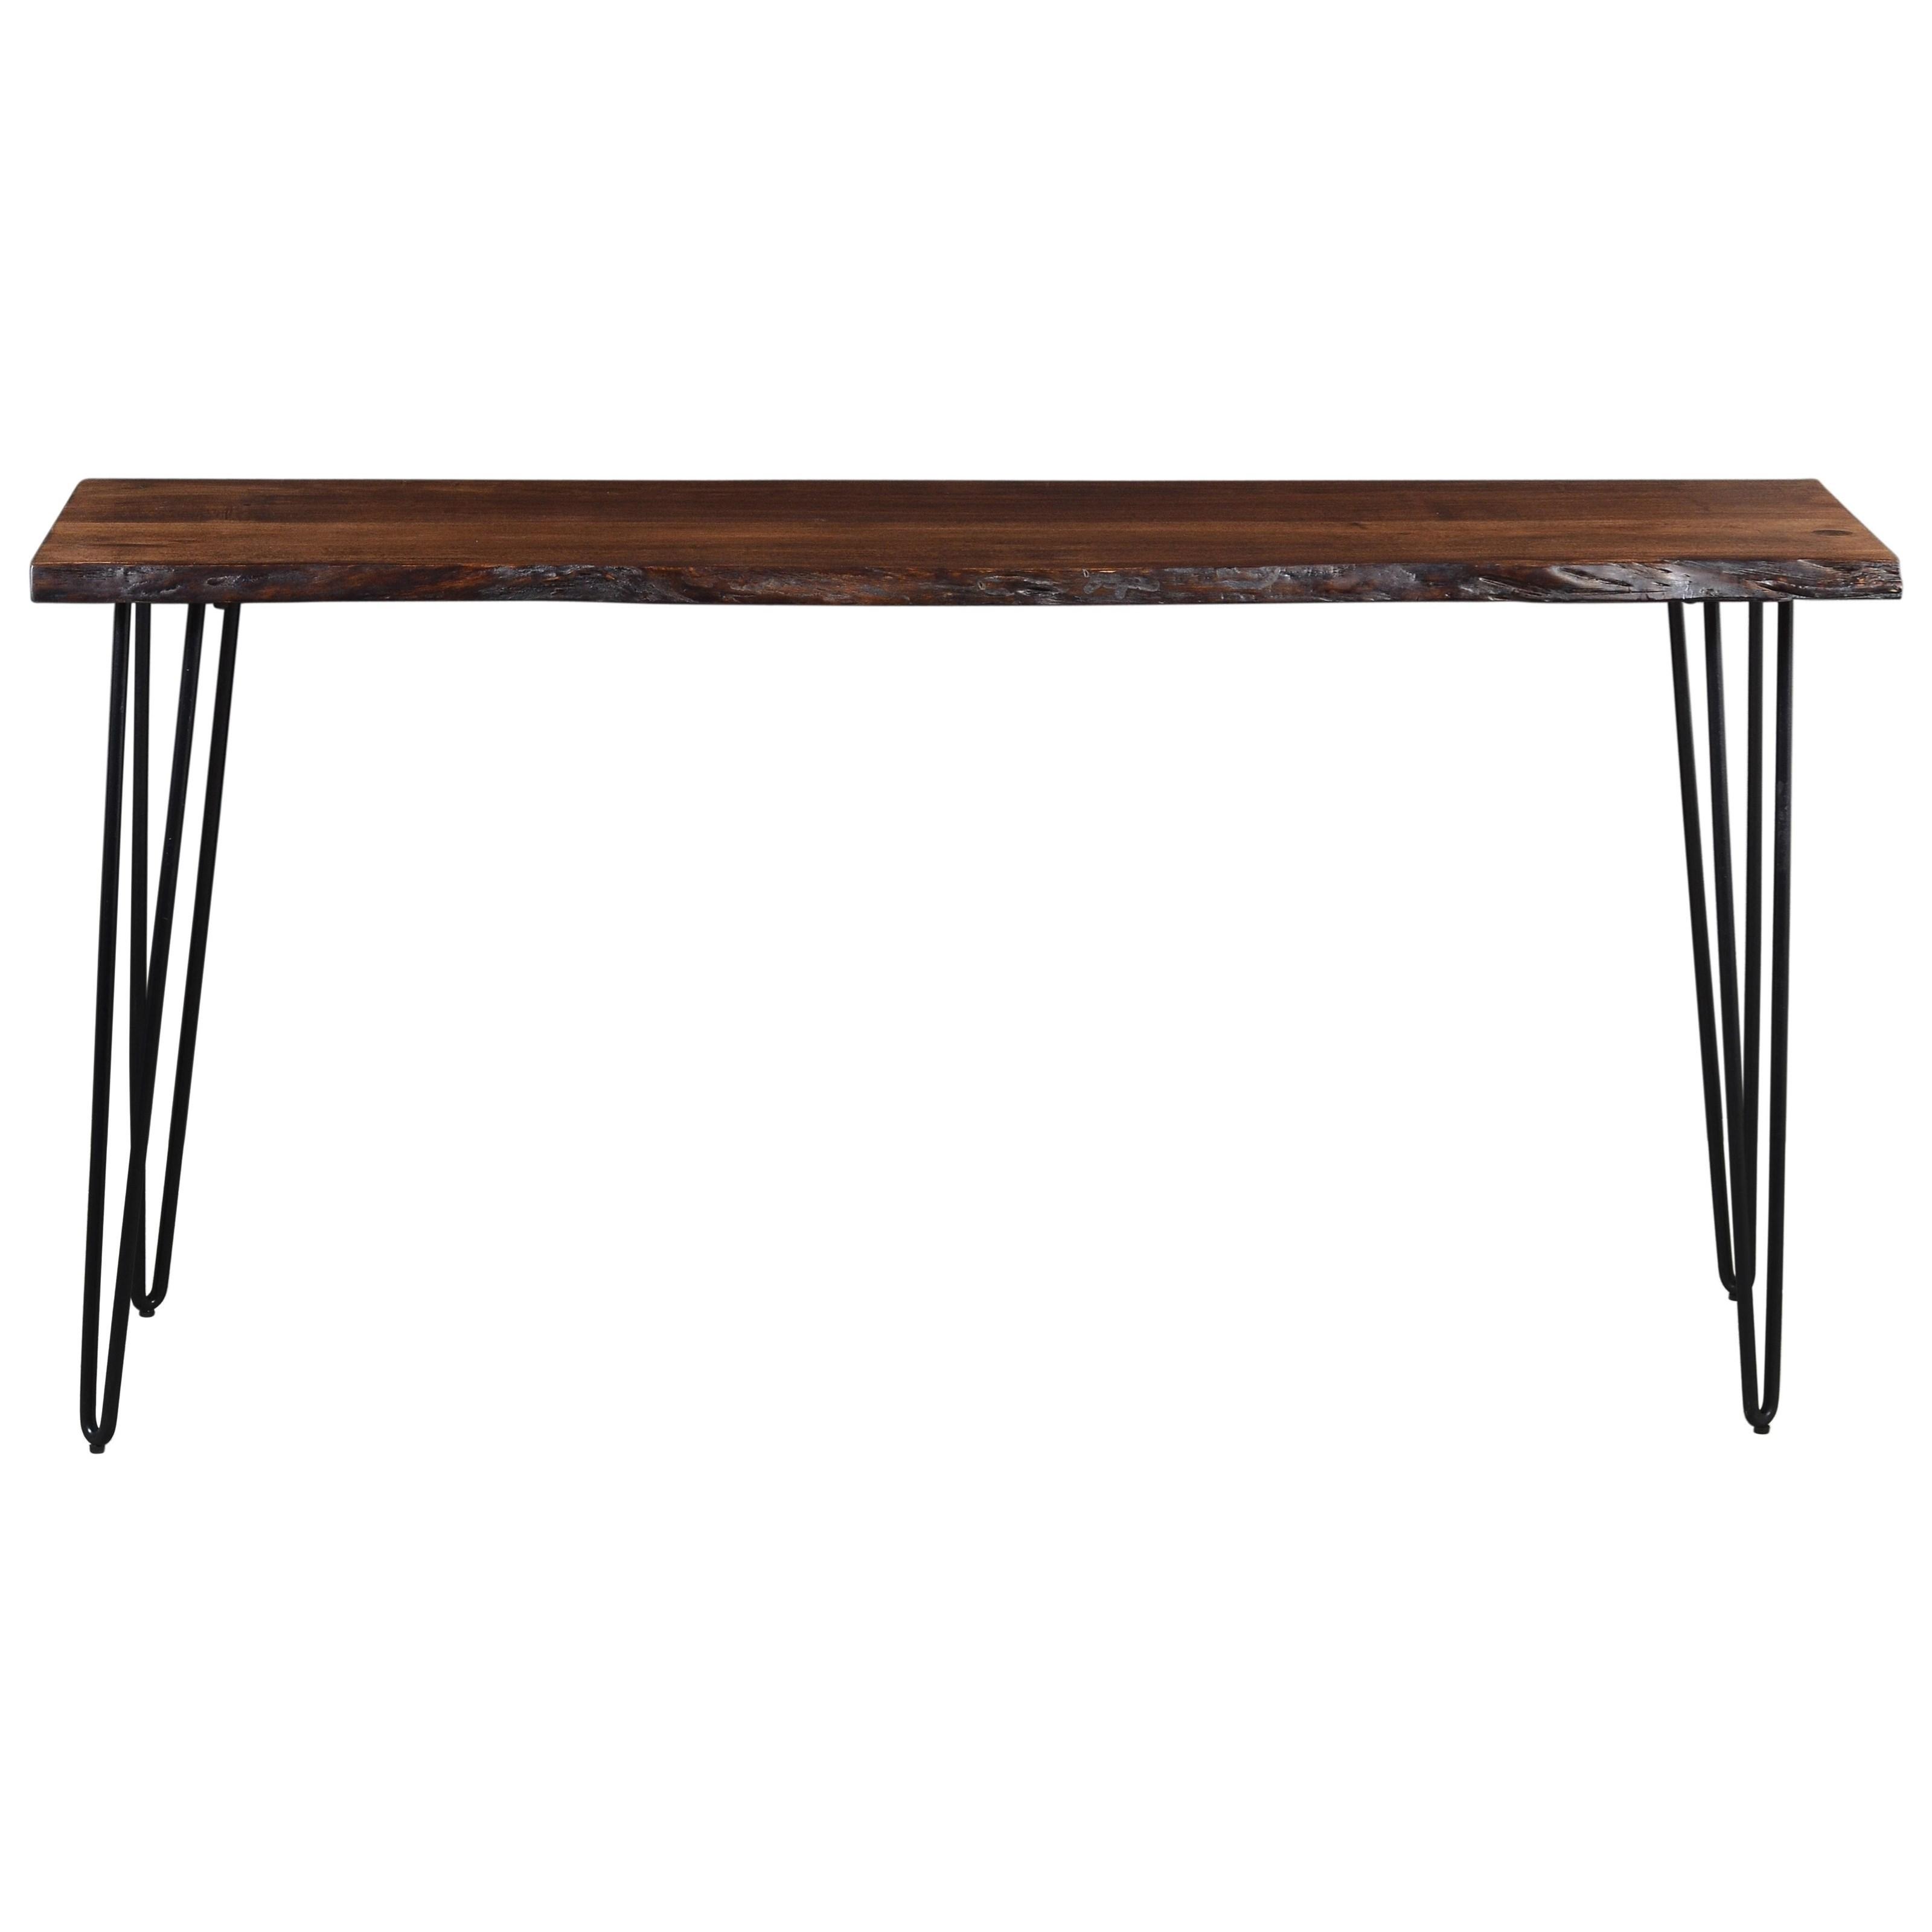 Nature's Edge Sofa Counter Dining Table by Jofran at Jofran